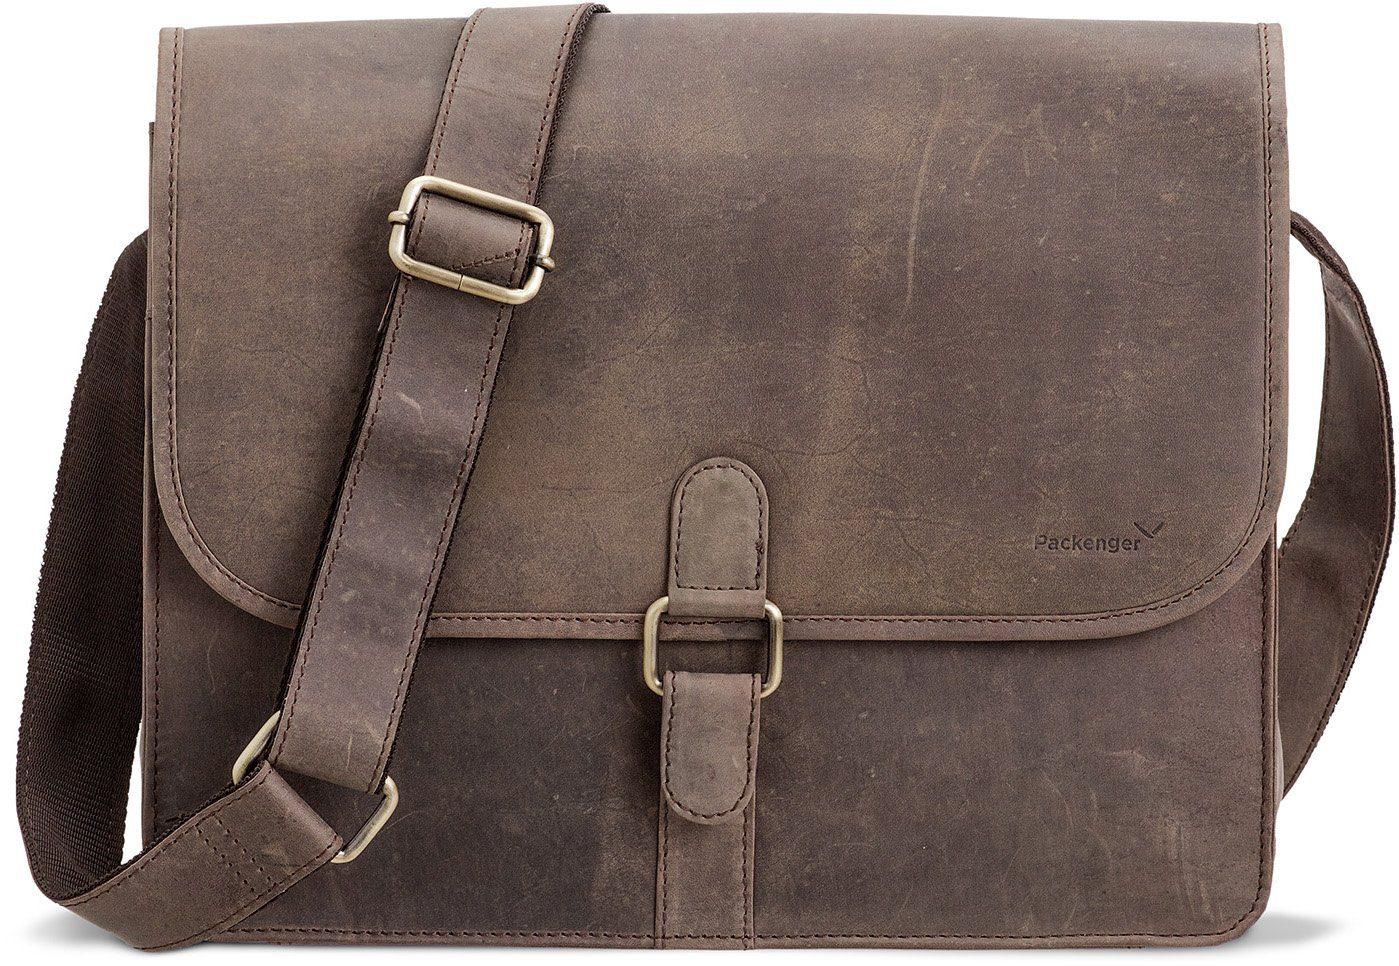 Packenger Umhängetasche mit 14-Zoll Laptopfach, »Aslang, grau«